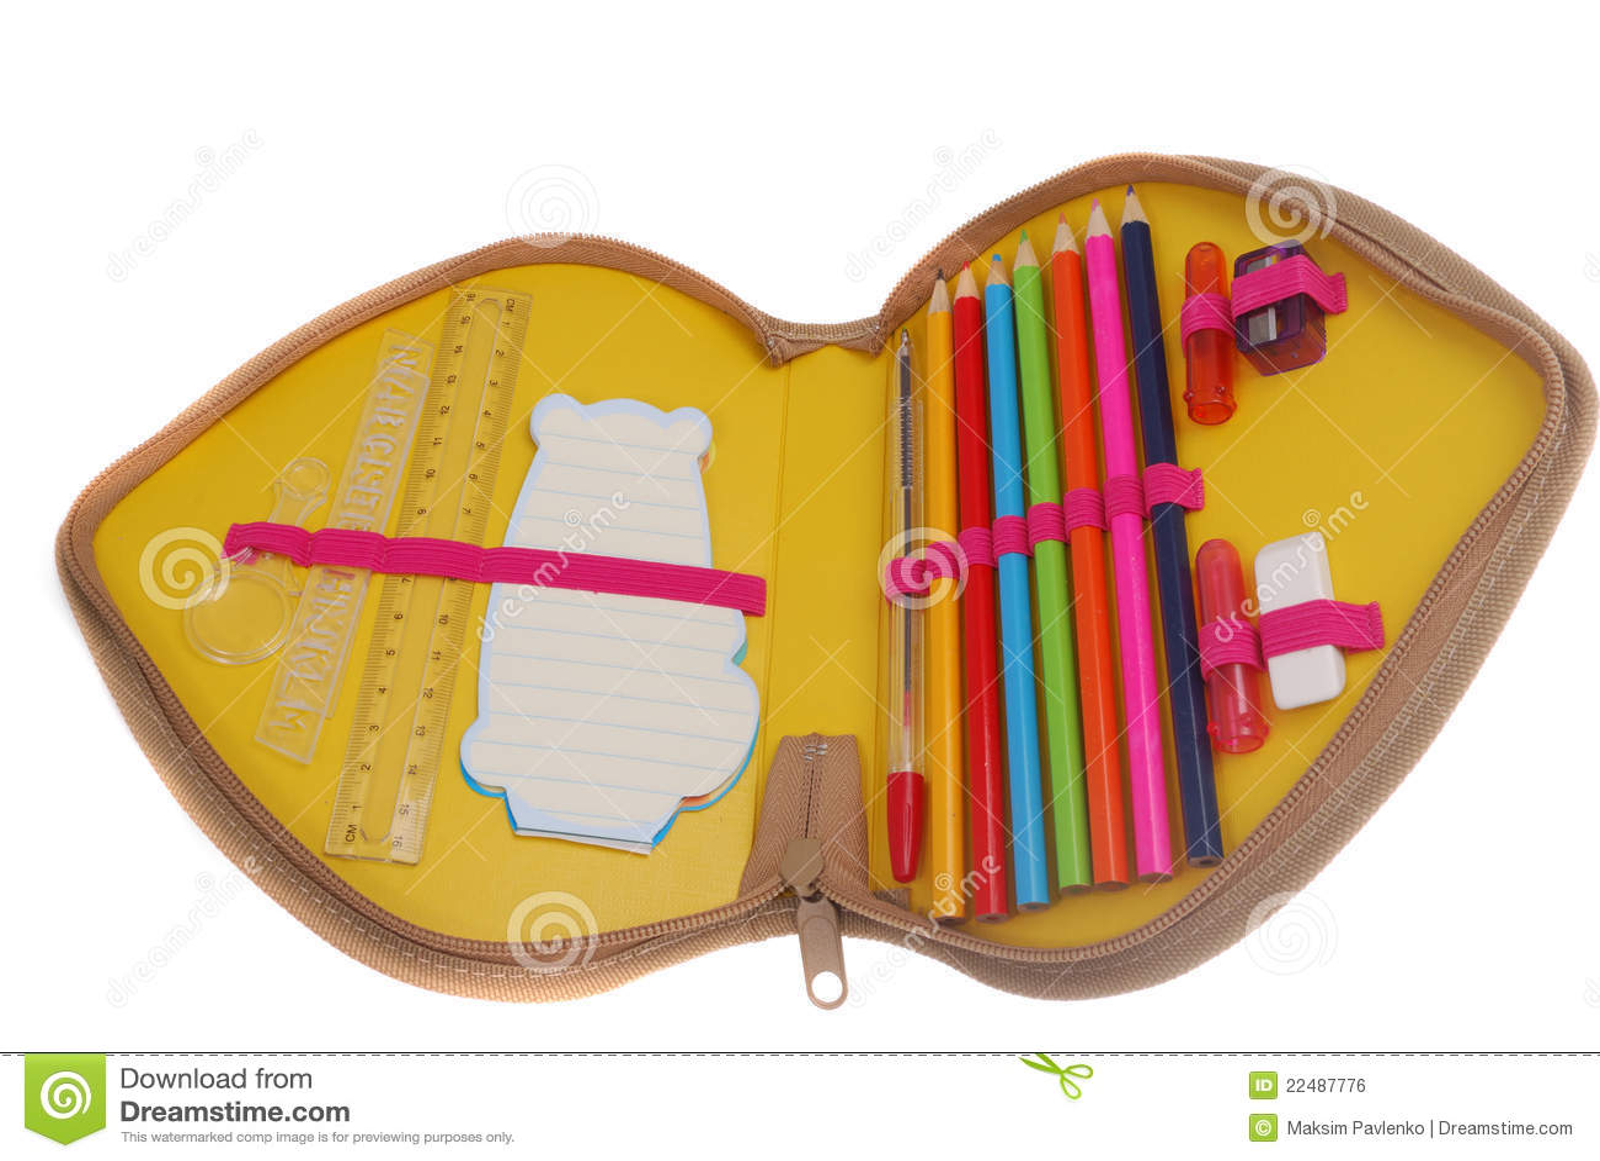 Ołówkowa skrzynka